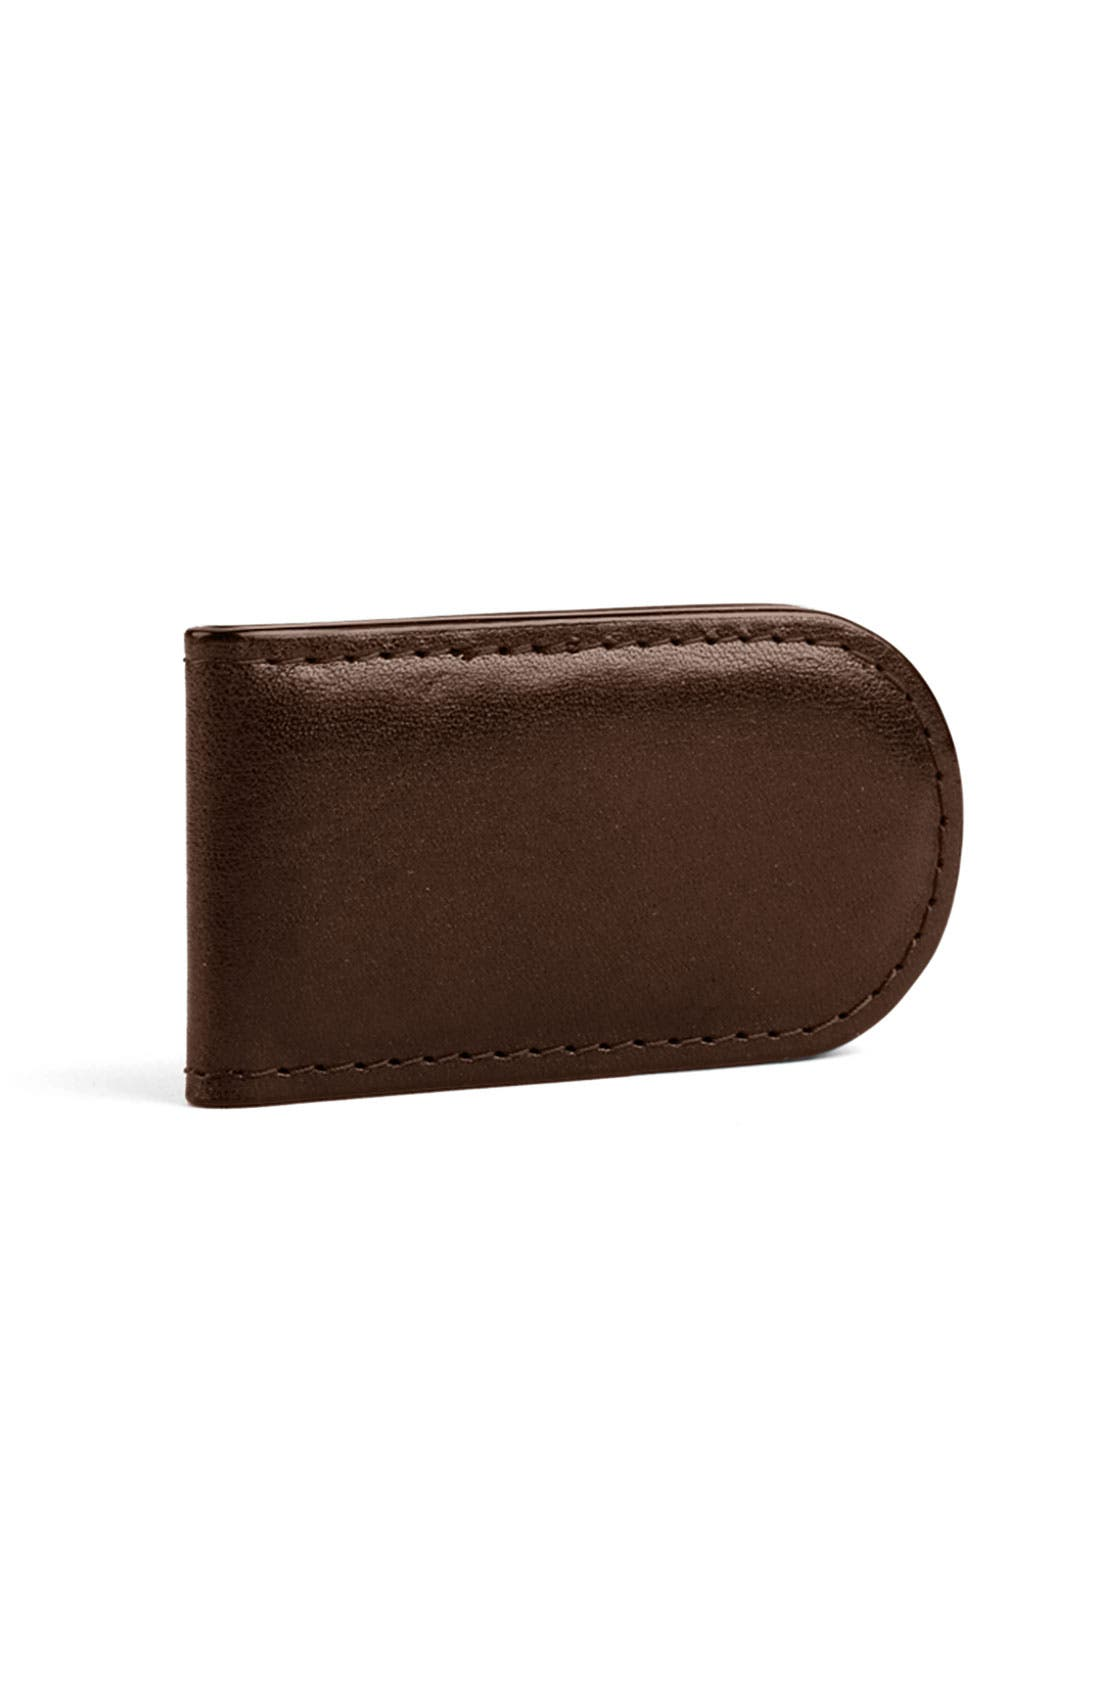 Leather Money Clip,                             Alternate thumbnail 7, color,